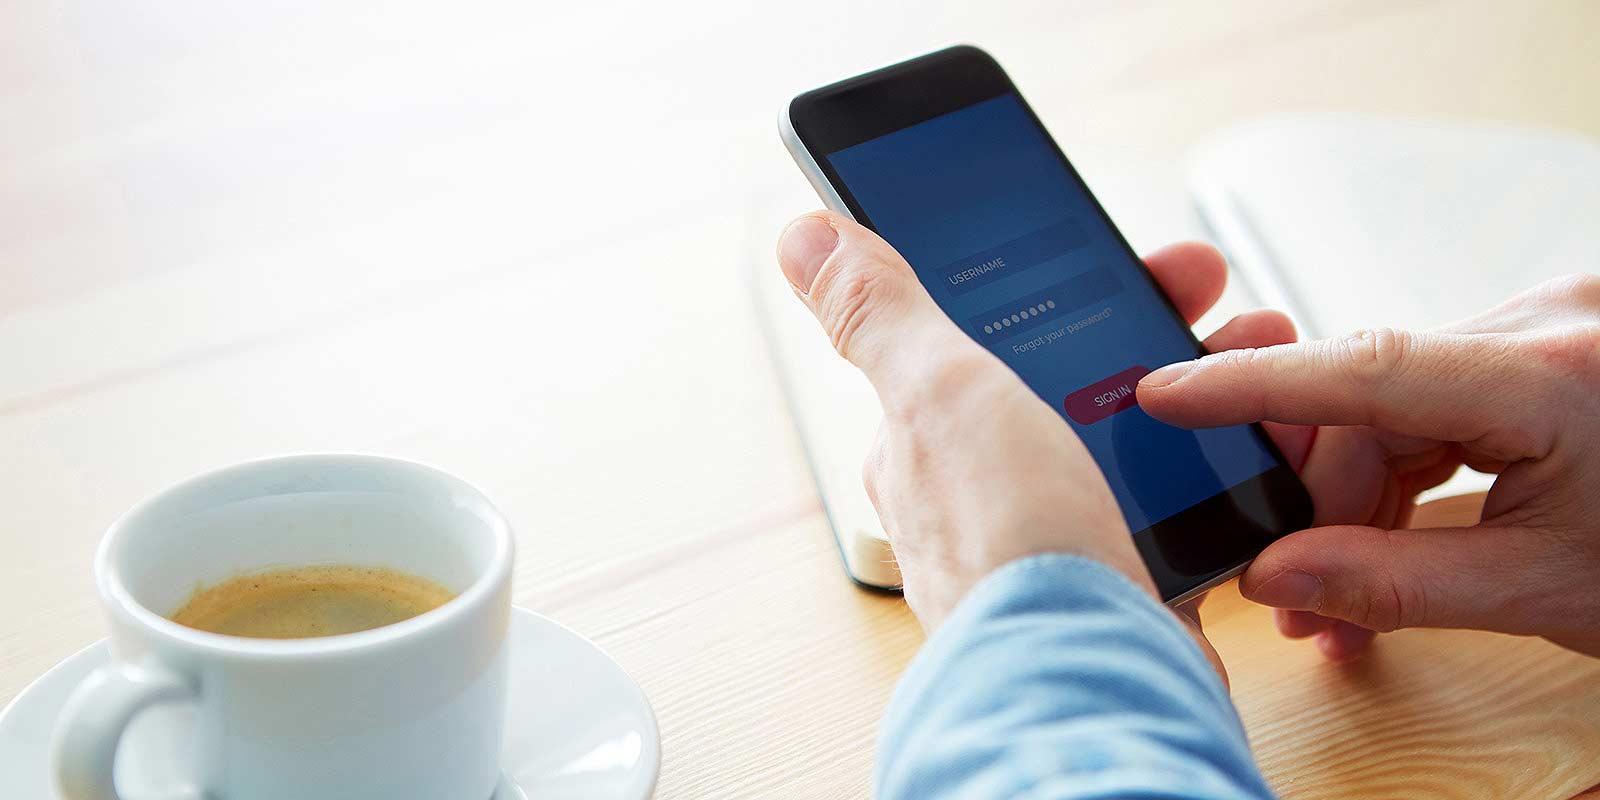 Telephonie Profiter De Votre Mobile En Toute Securite Conseils